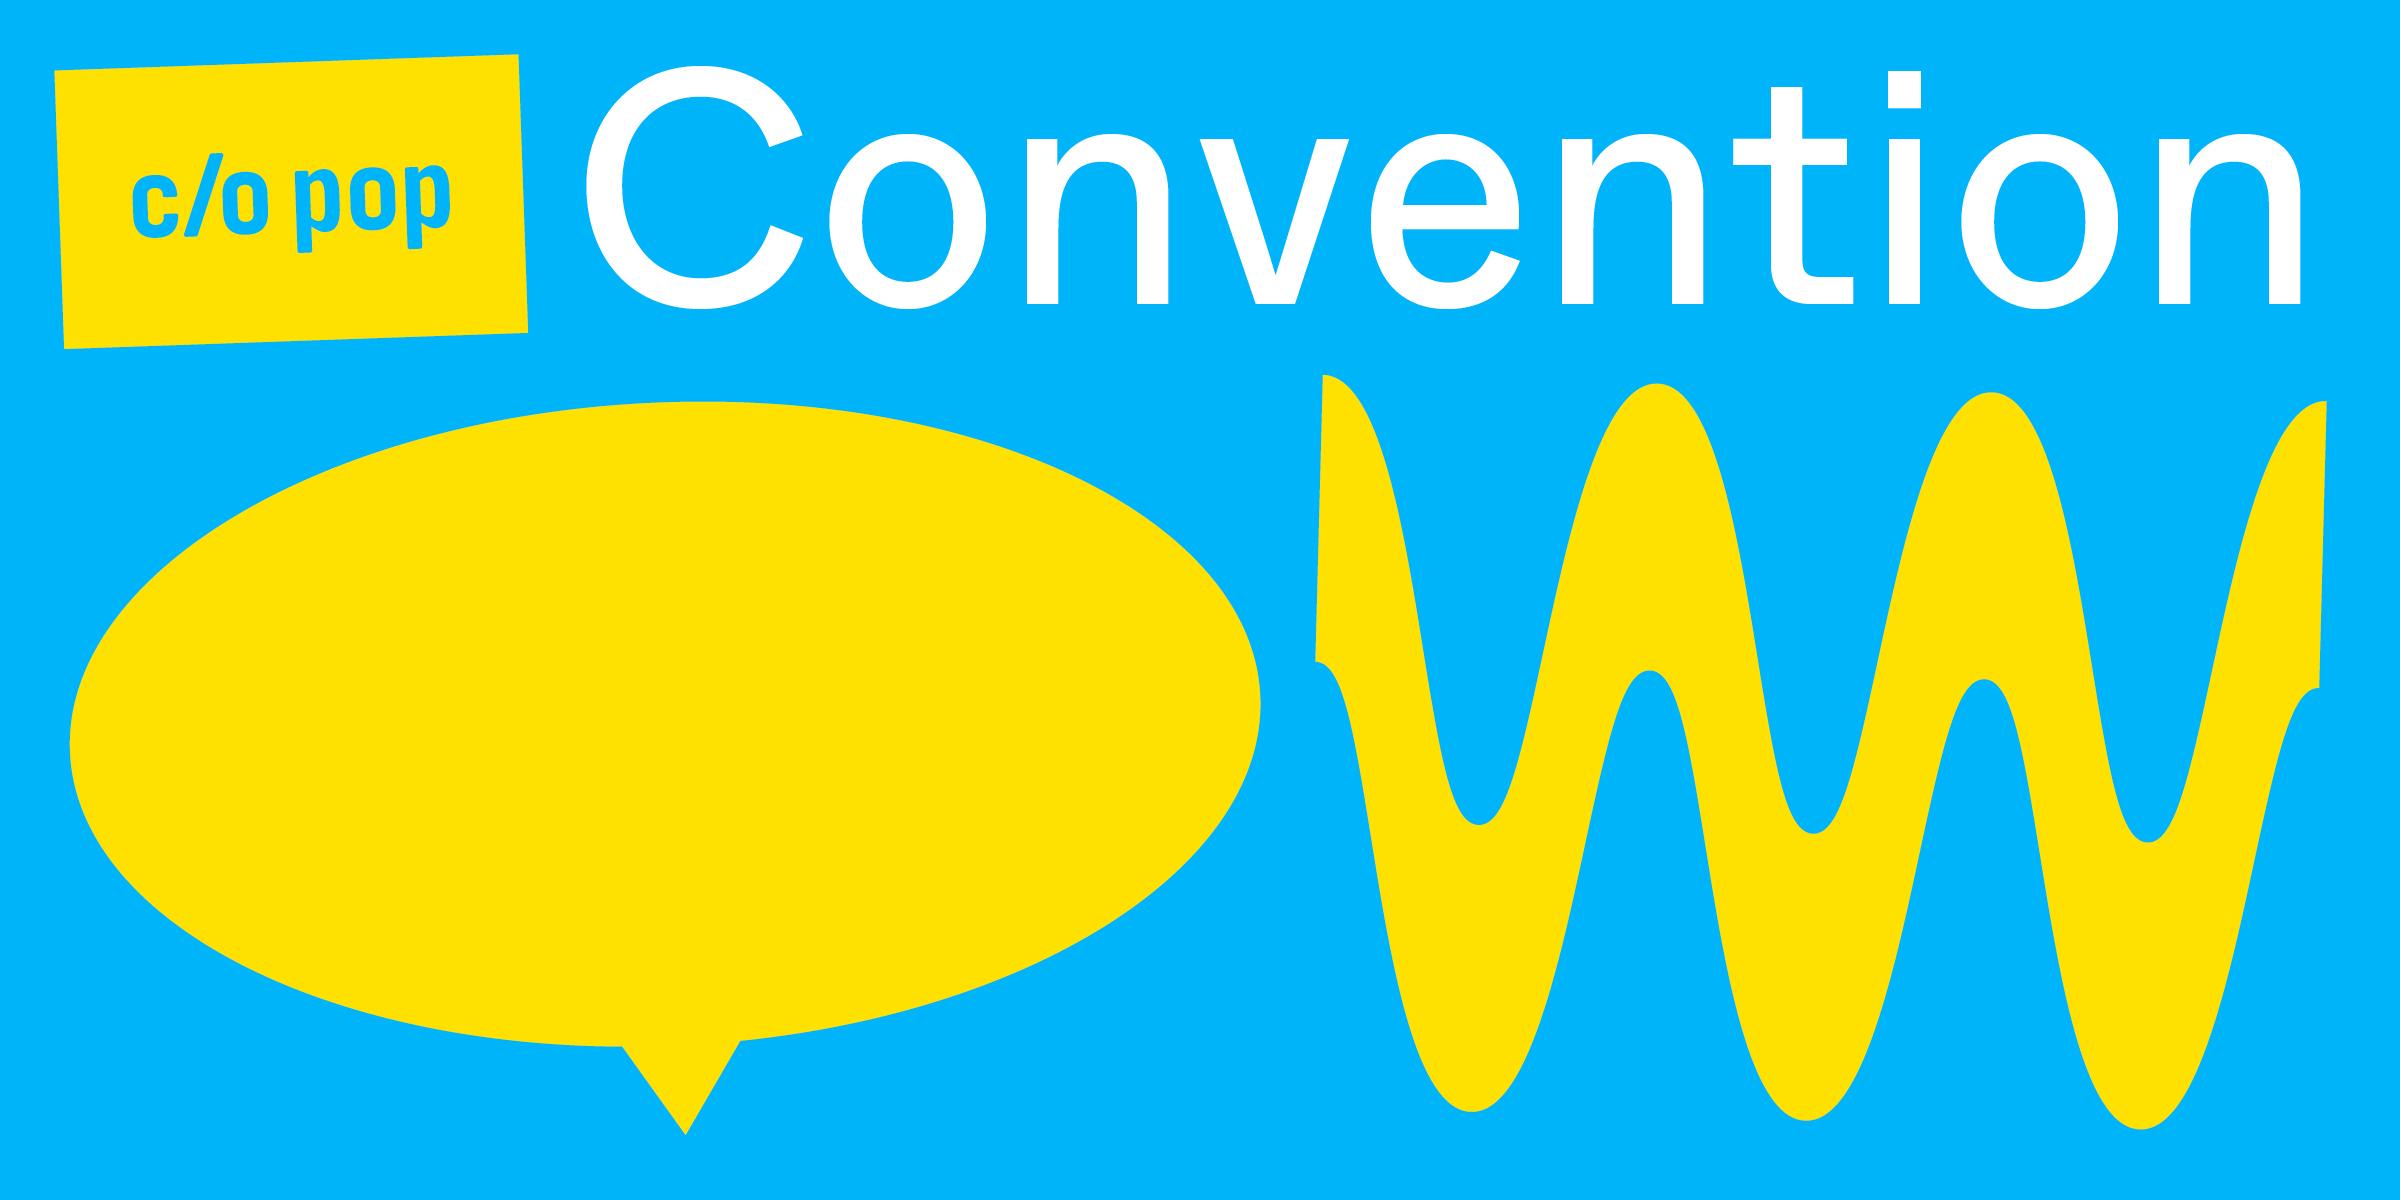 c/o pop Convention 2020